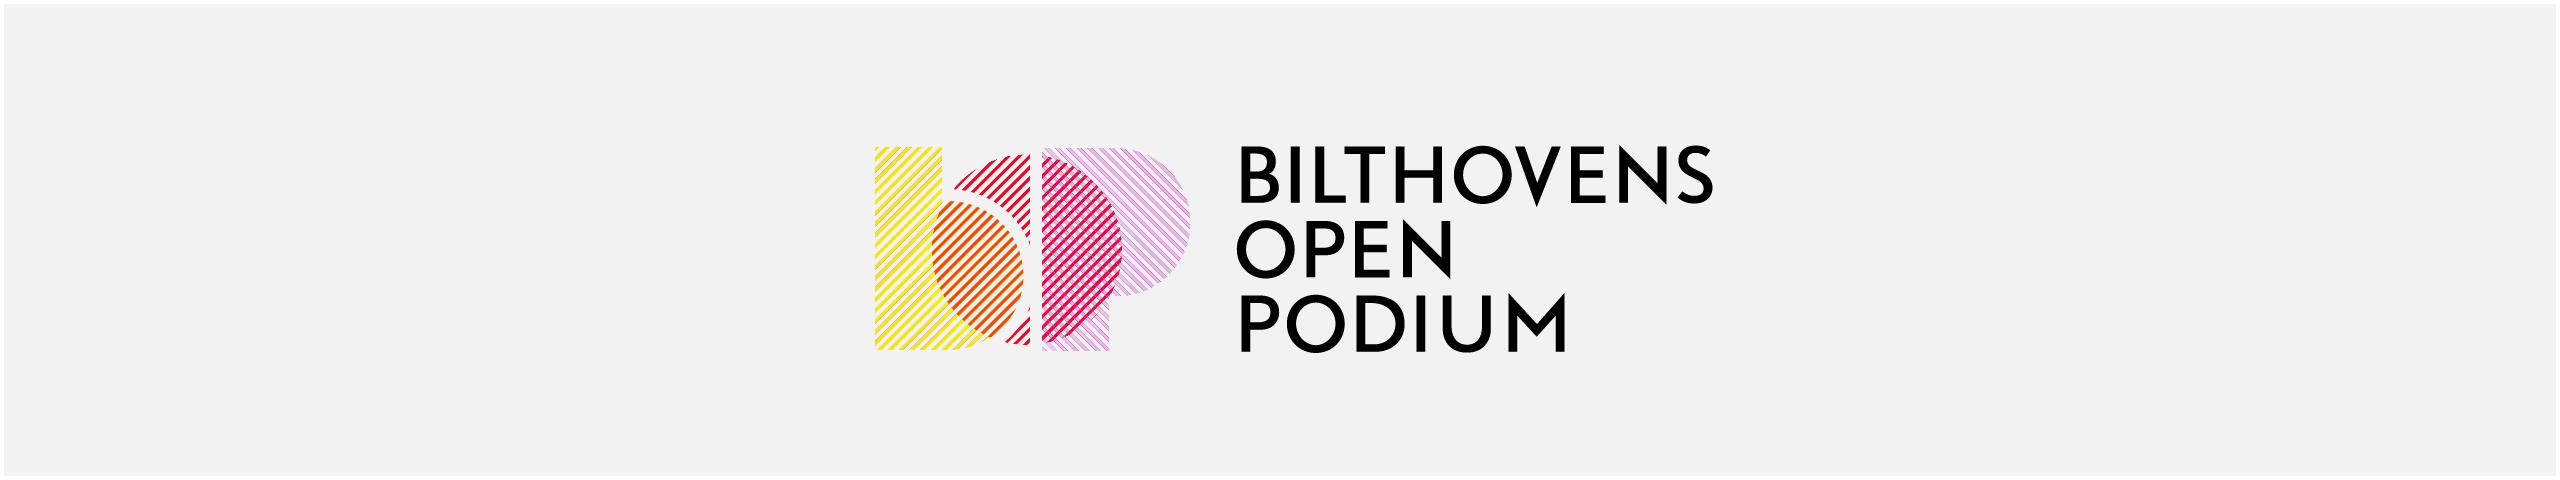 Bilthoven Open Podium_logo_Web_Def